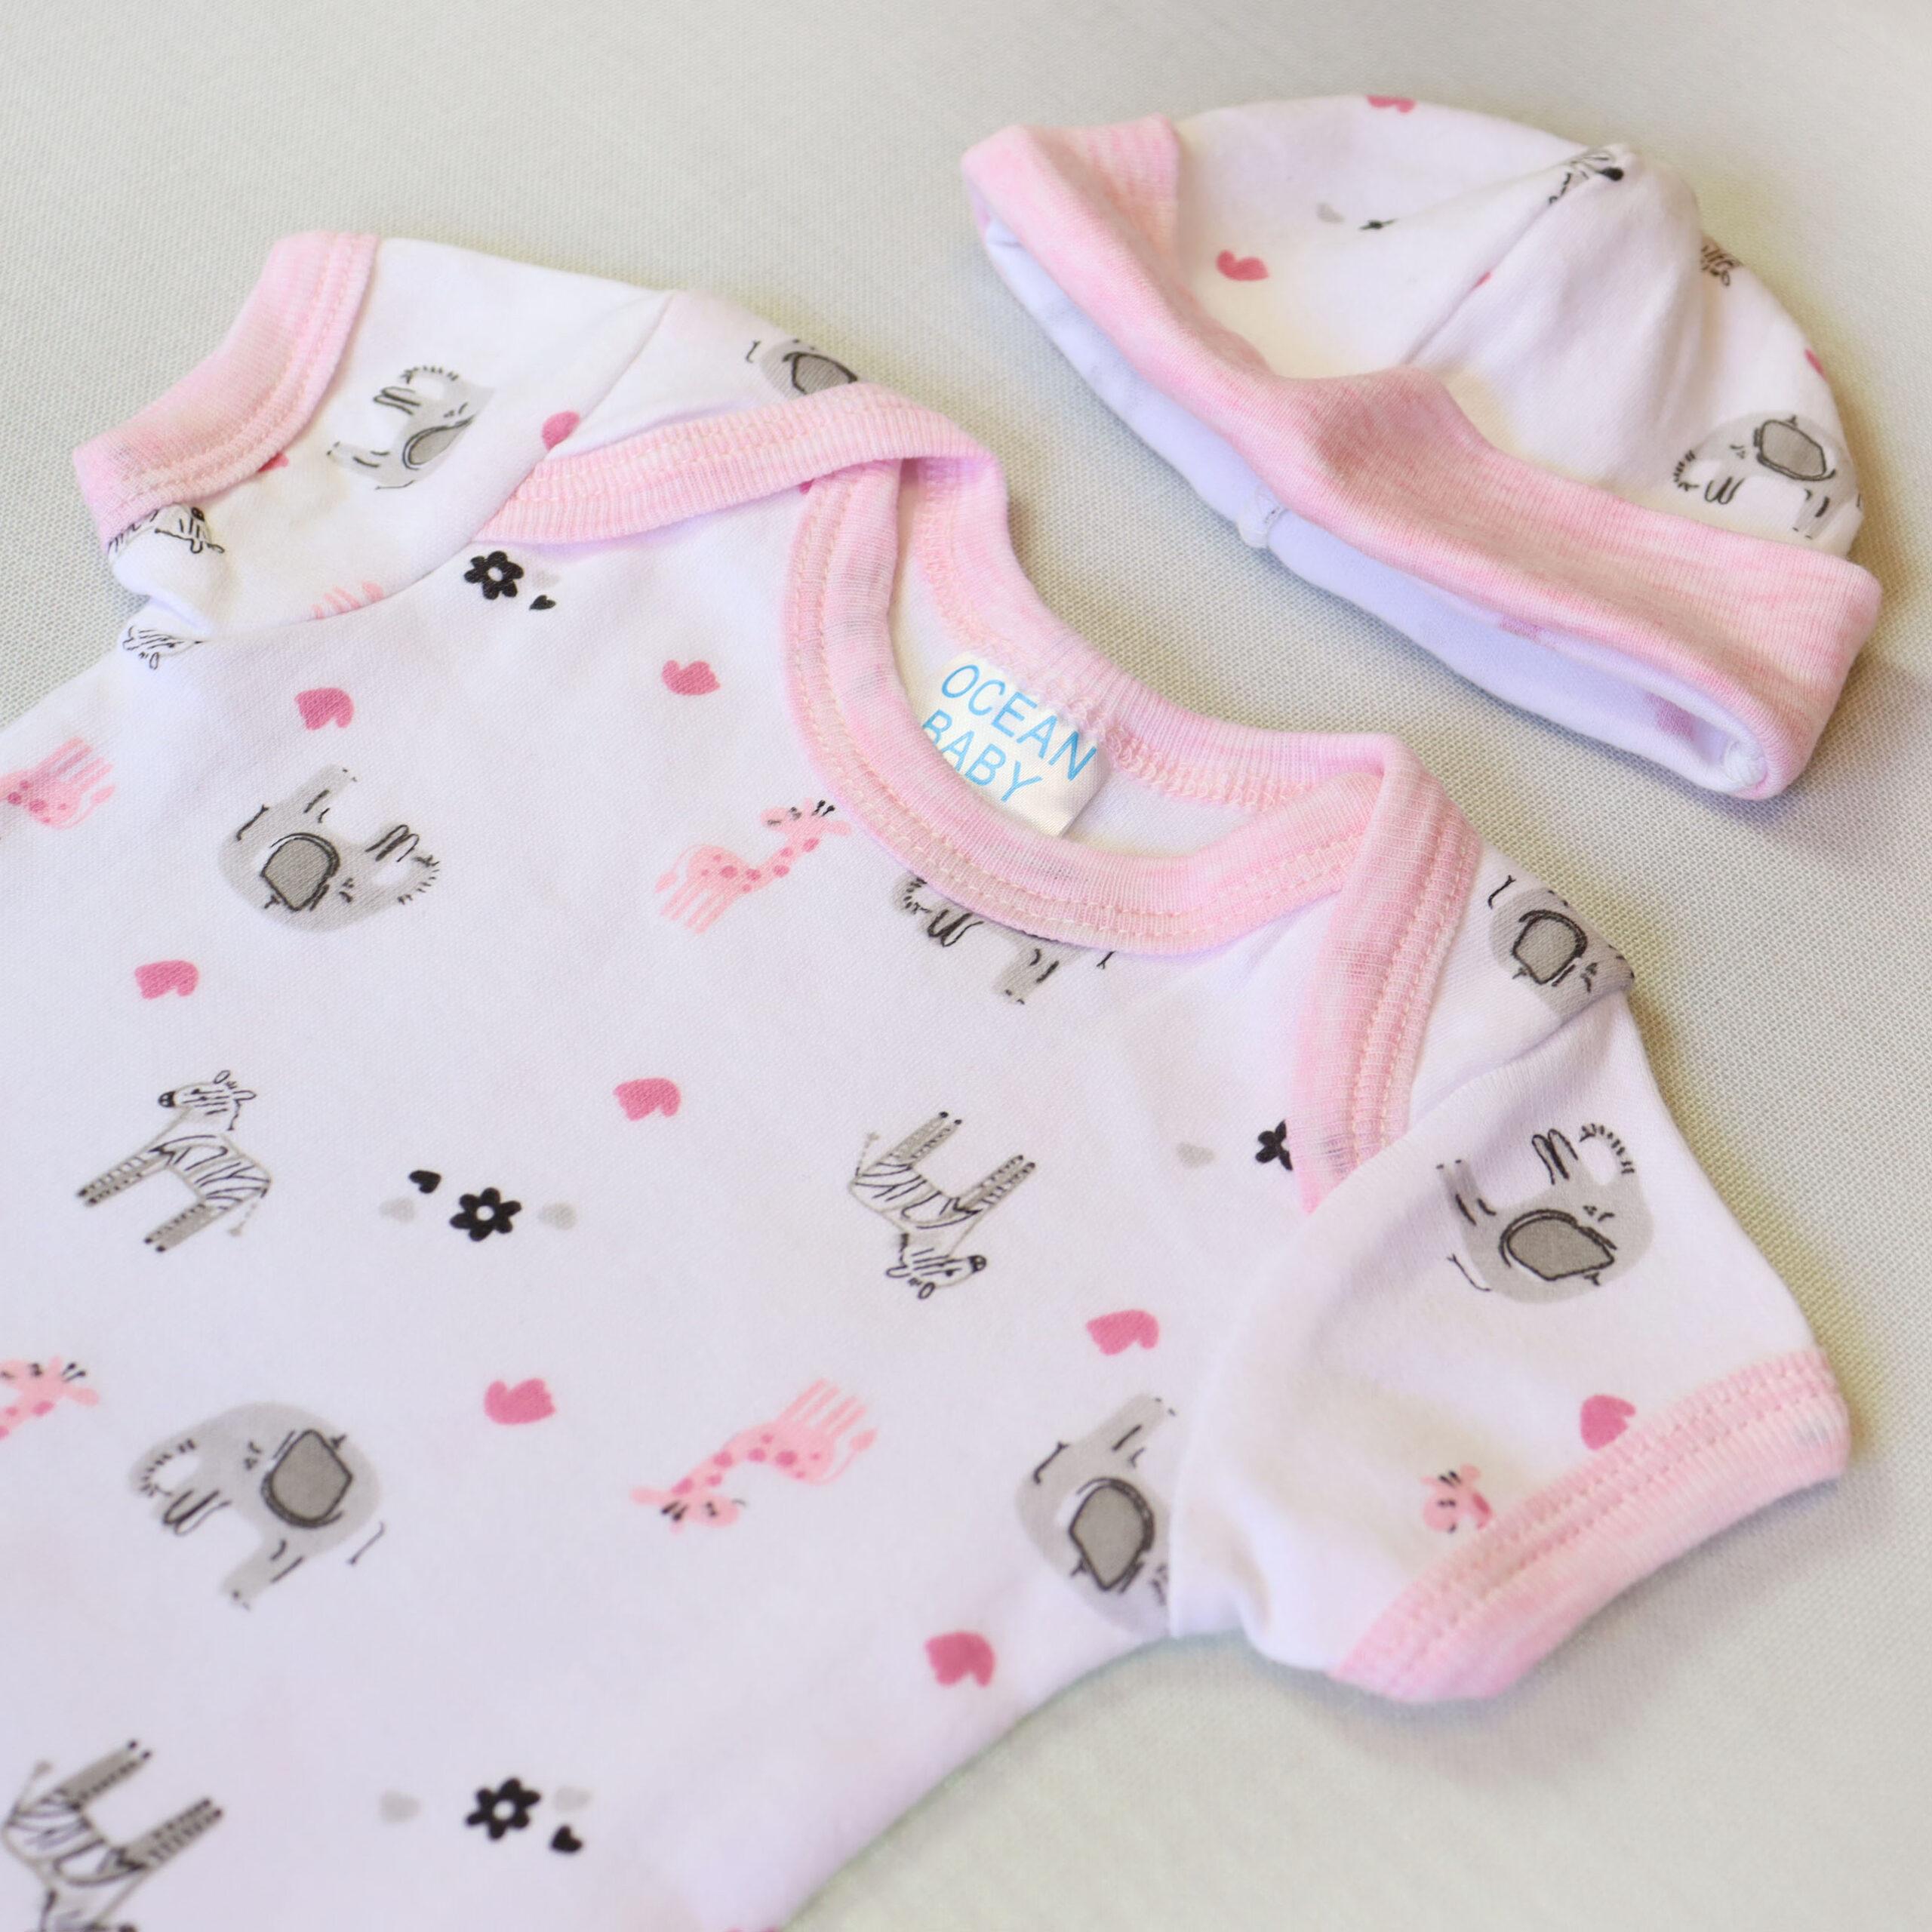 Baby girl cotton bodysuit 3 piece set – White